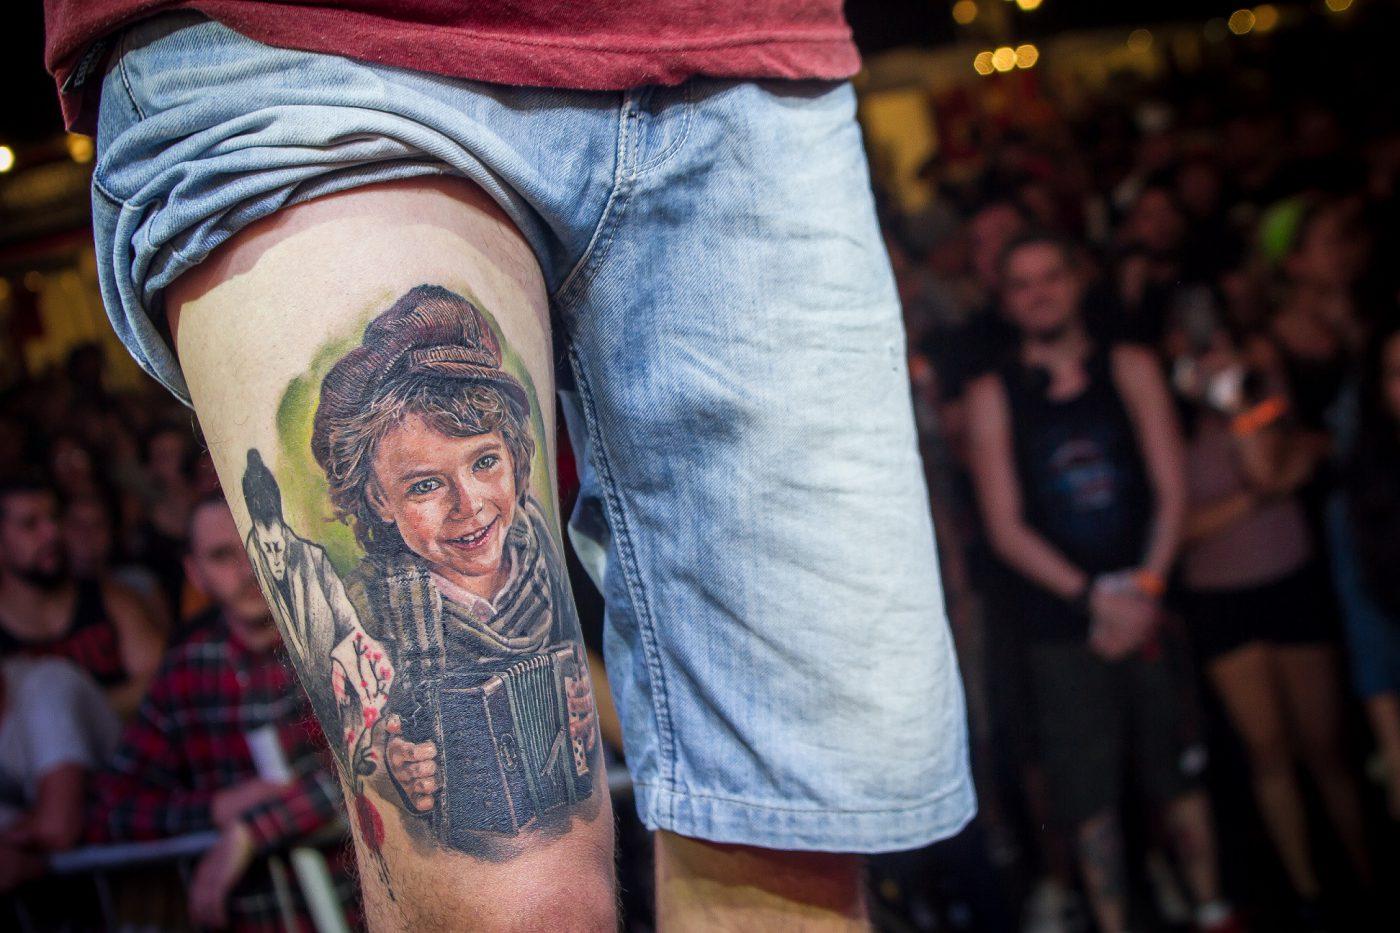 Tattoo show 2018